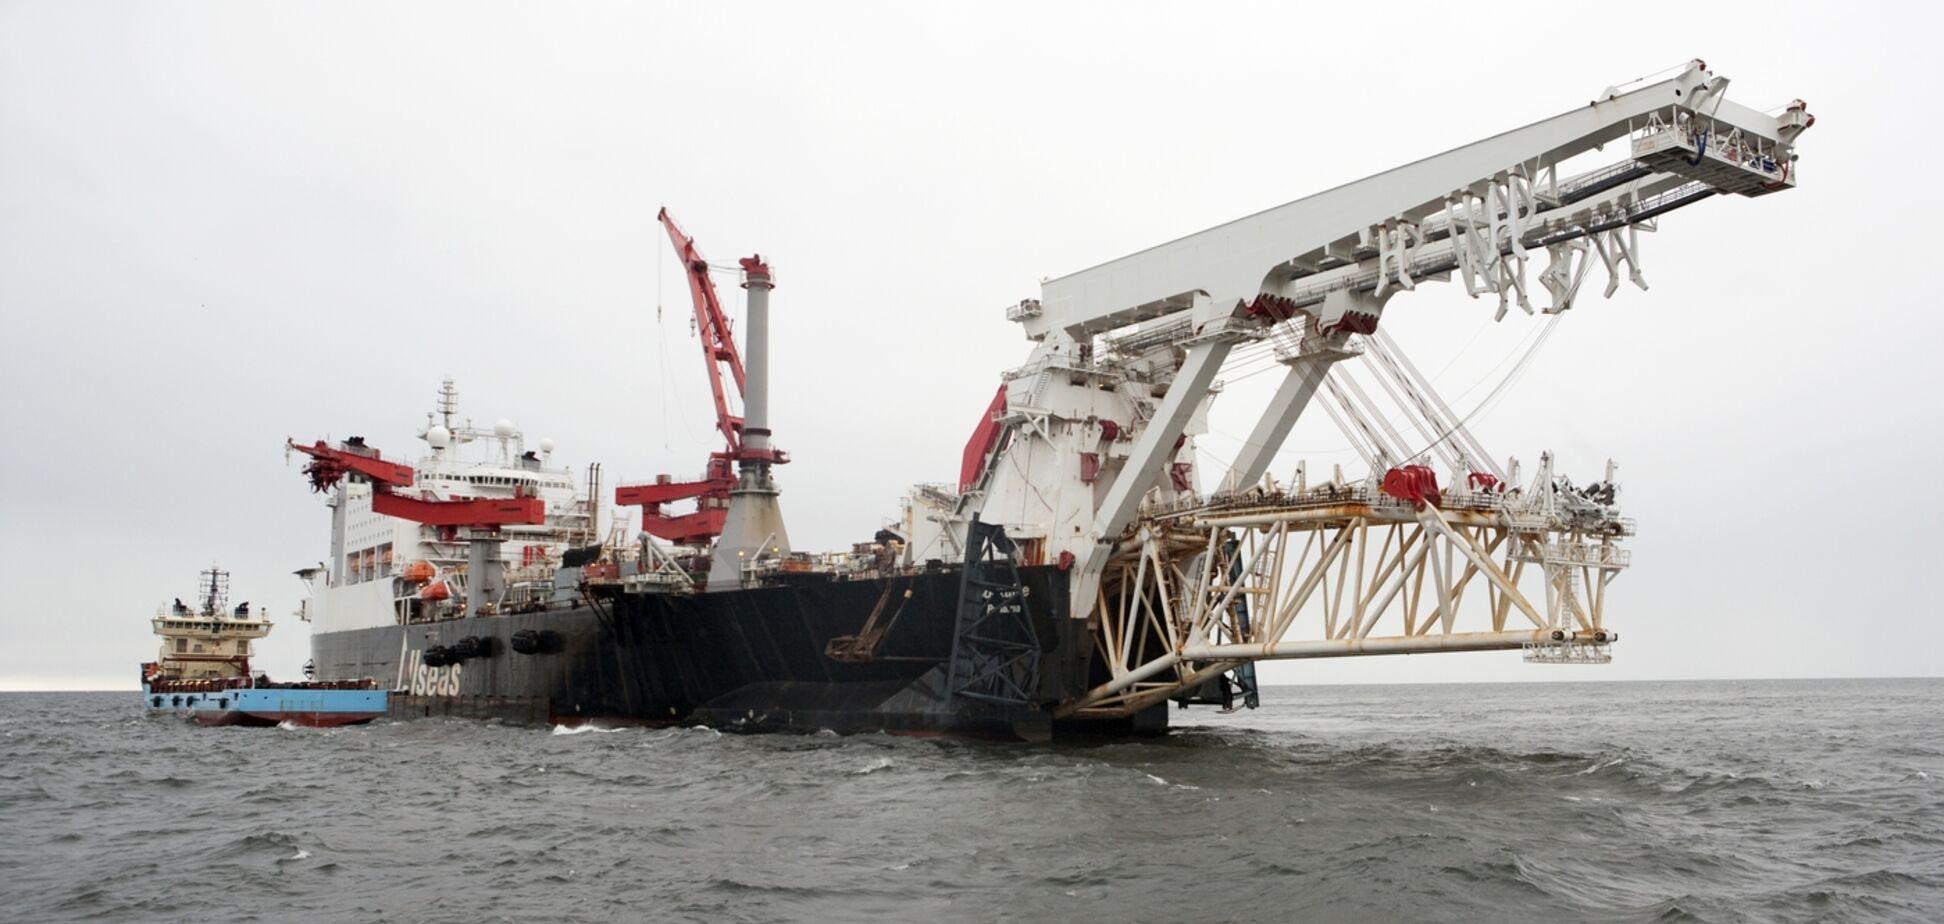 Ще одна країна заступилась за 'Північний потік-2' після погроз США санкціями